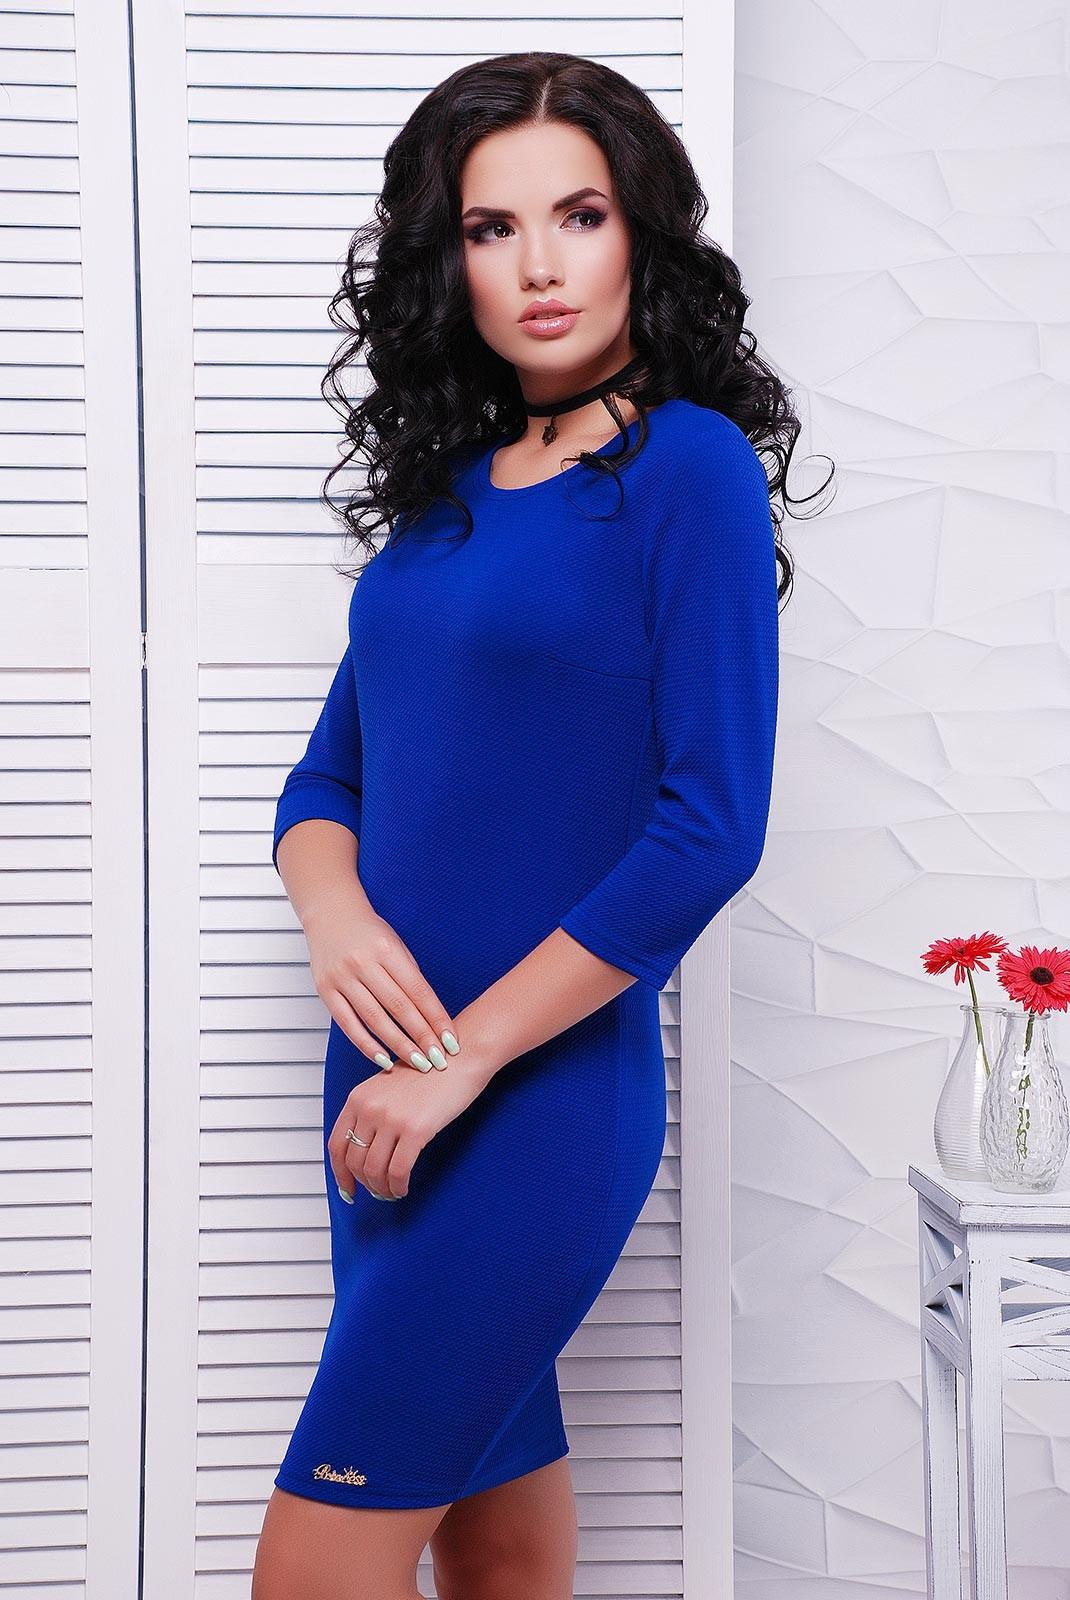 Niko-Opt (Нико-Опт) - женские свитшоты, платья и сарафаны, футболки ... c730801d802